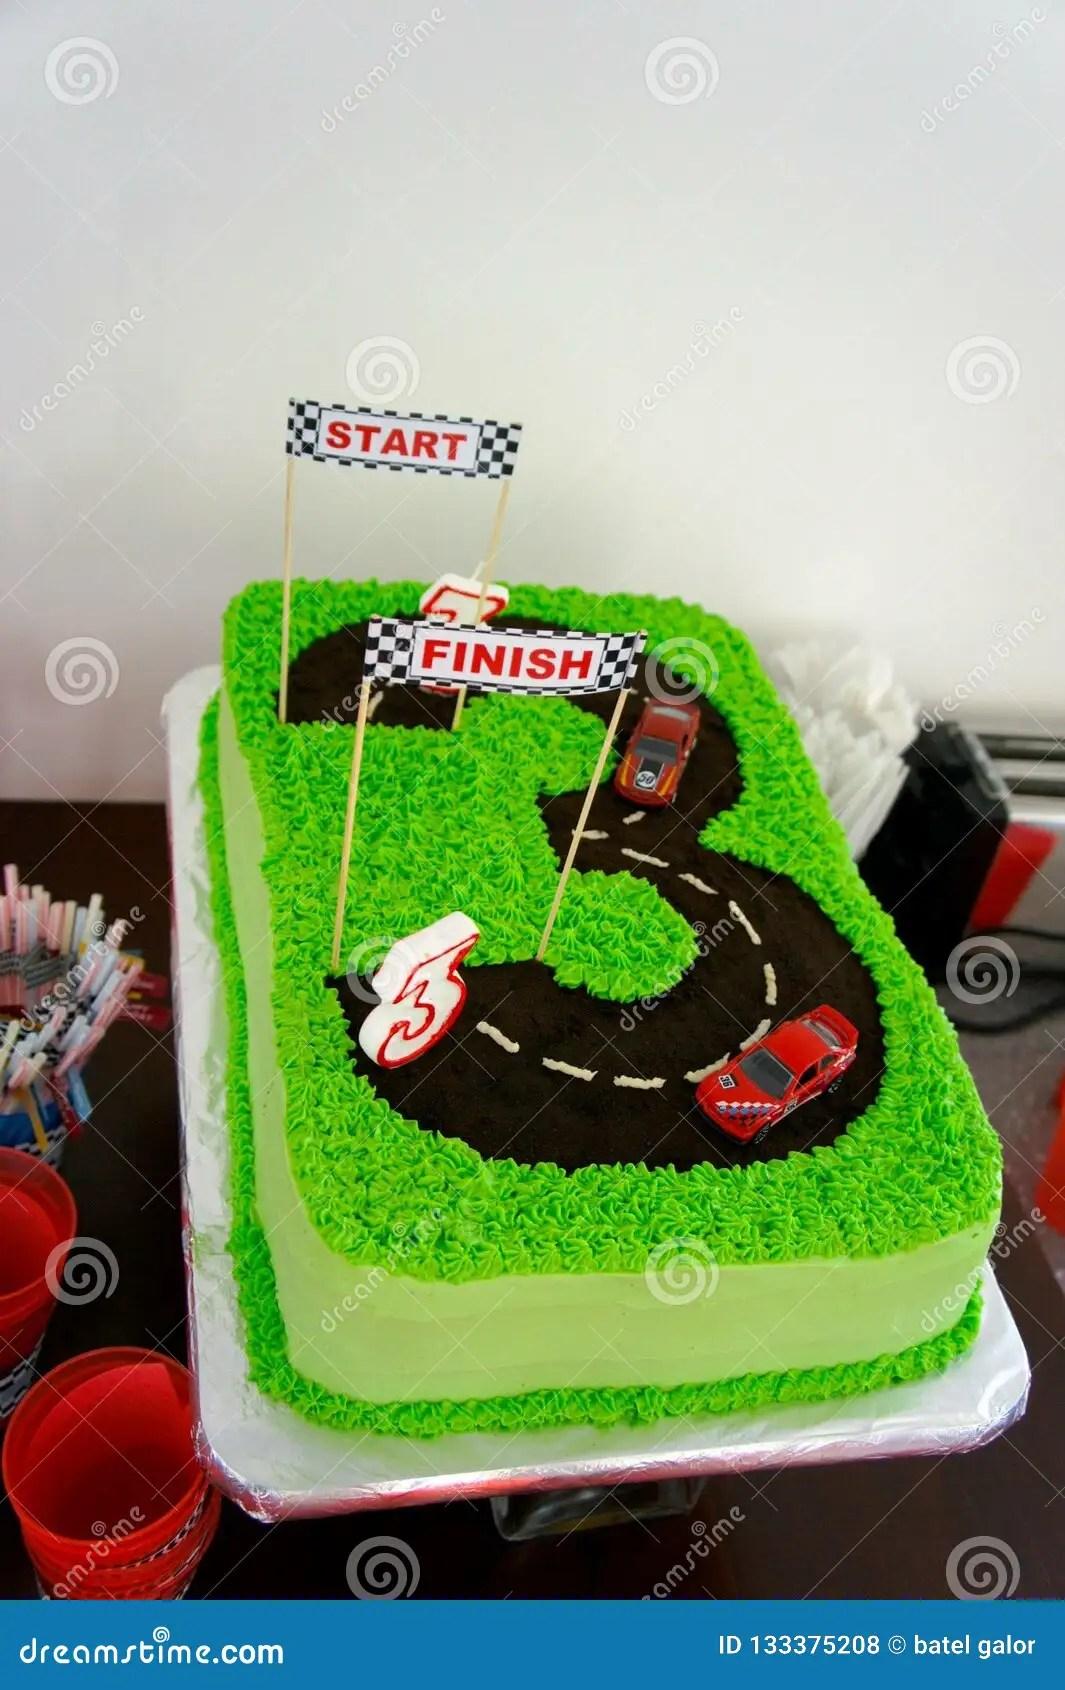 Birthday Cake Stock Photo Image Of Birthday Years 133375208